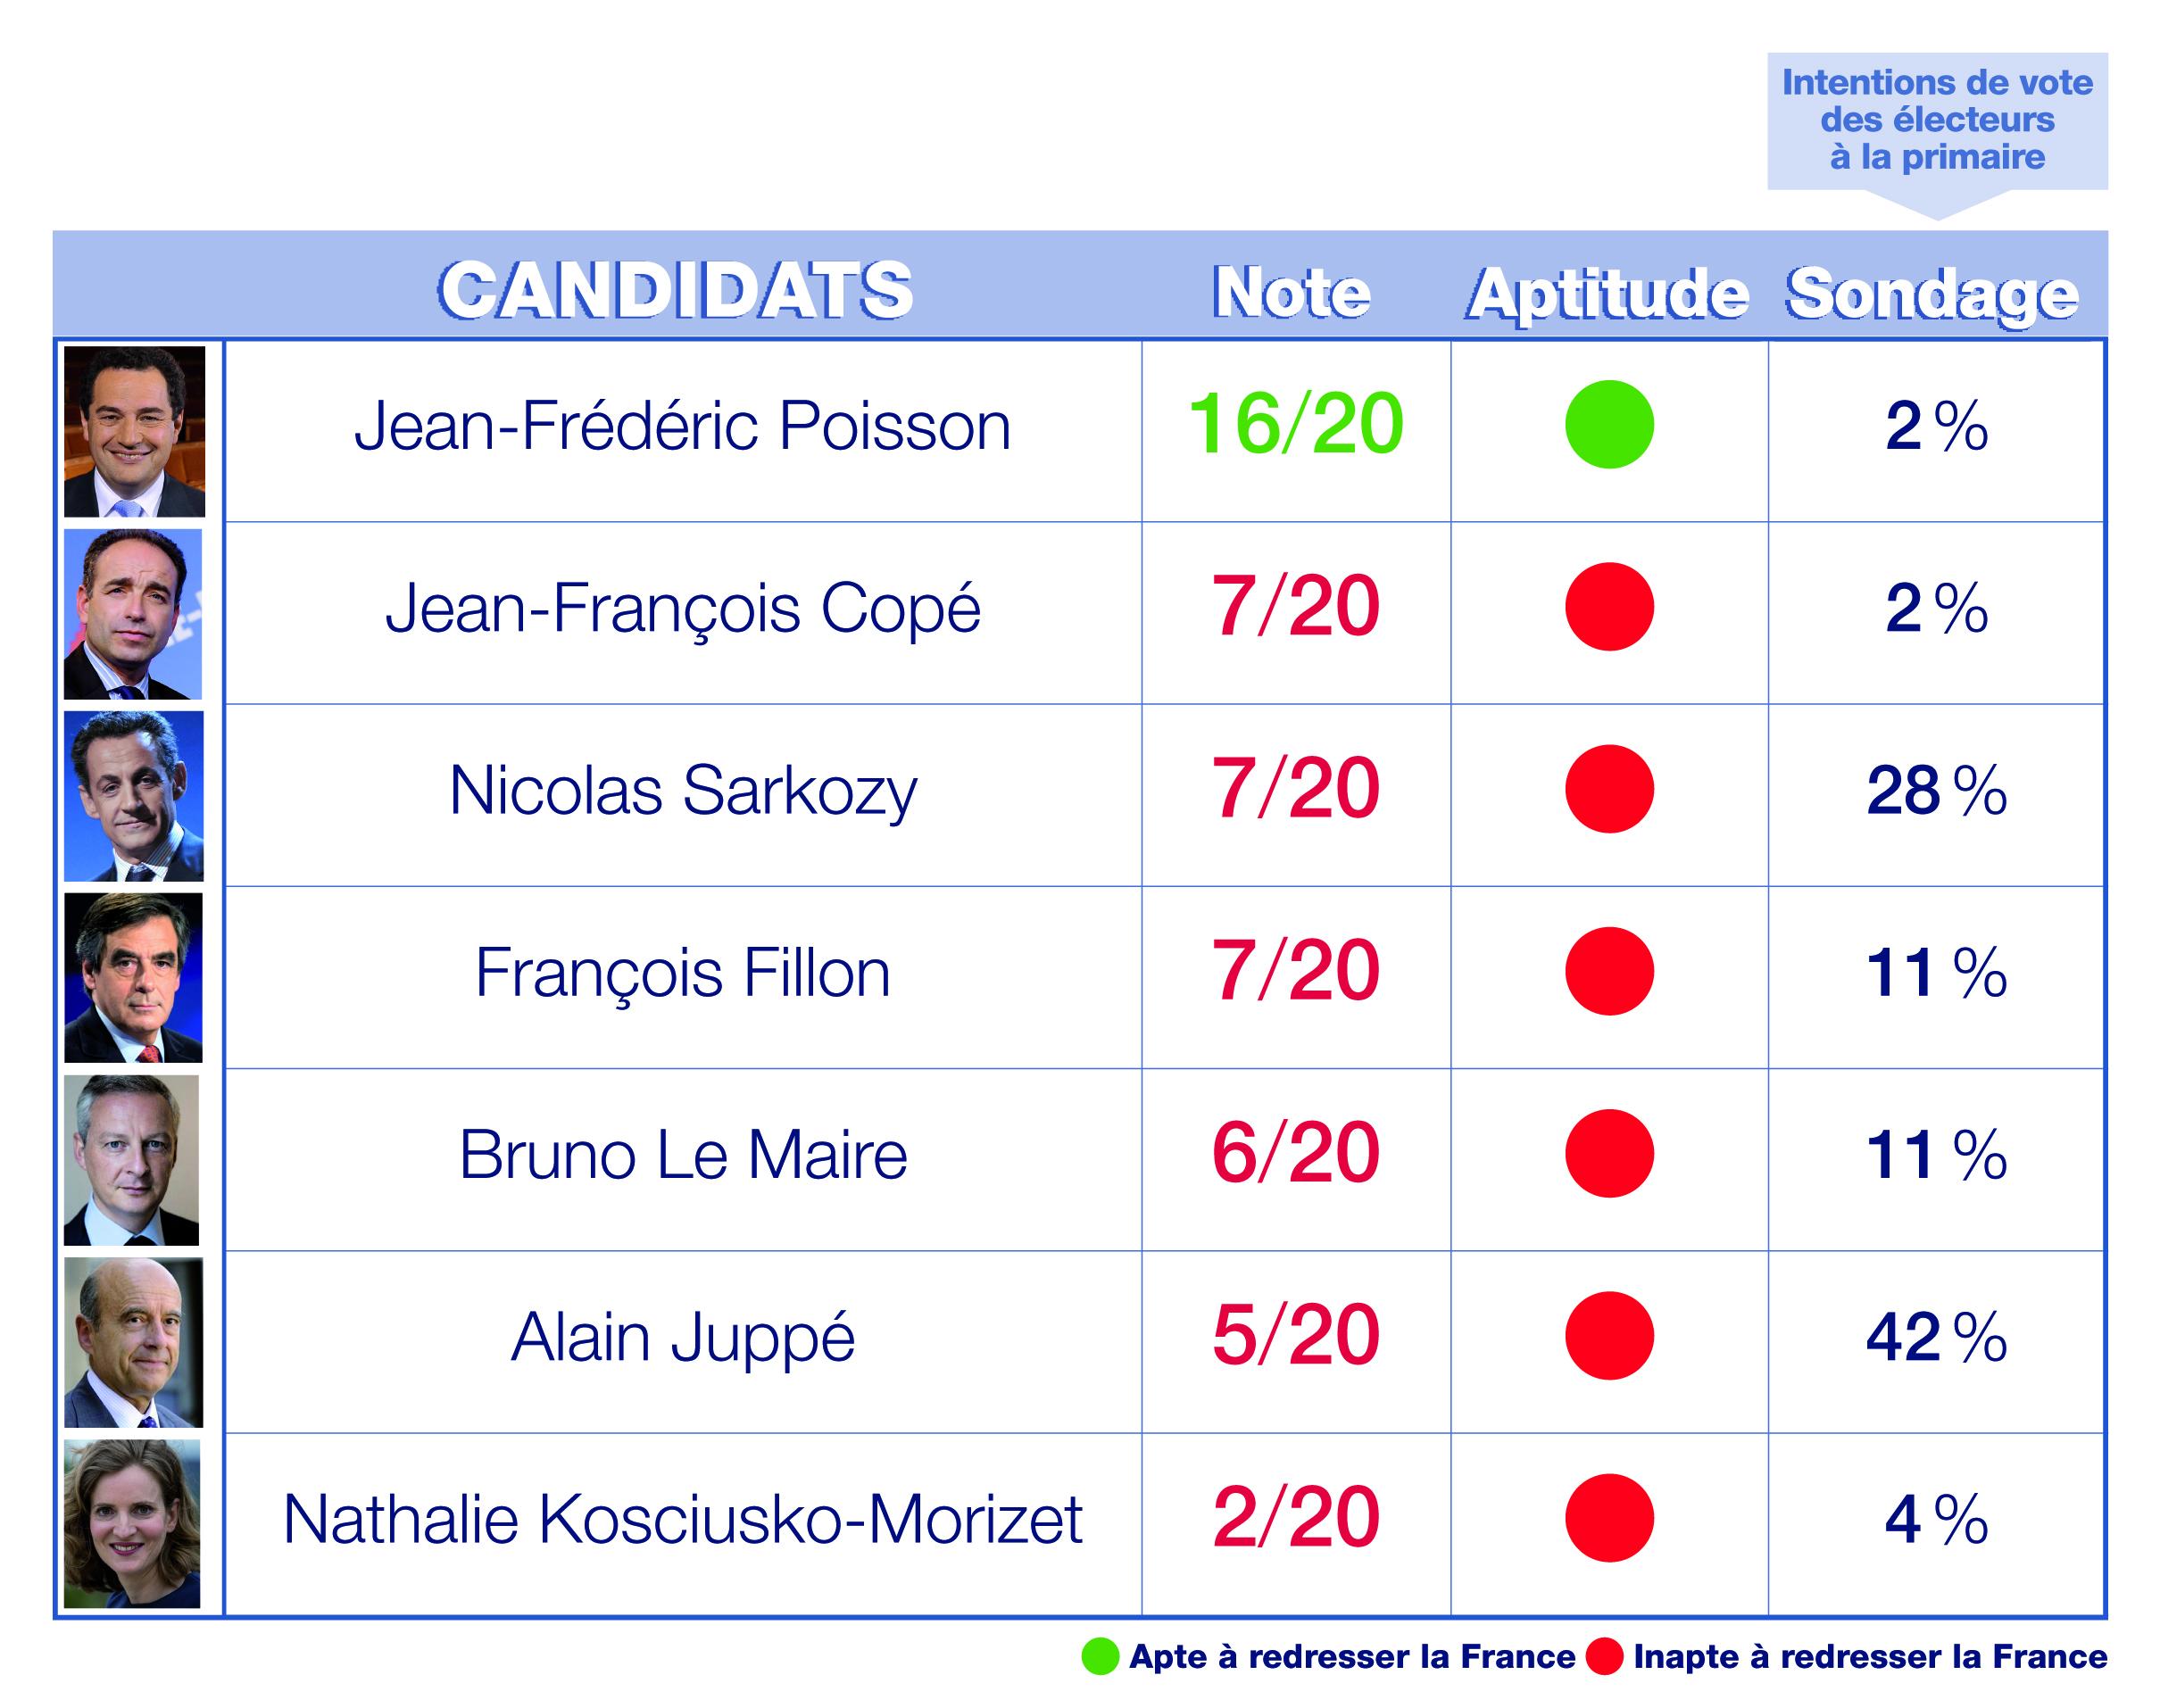 Les candidats à la primaire de la droite et du centre notés